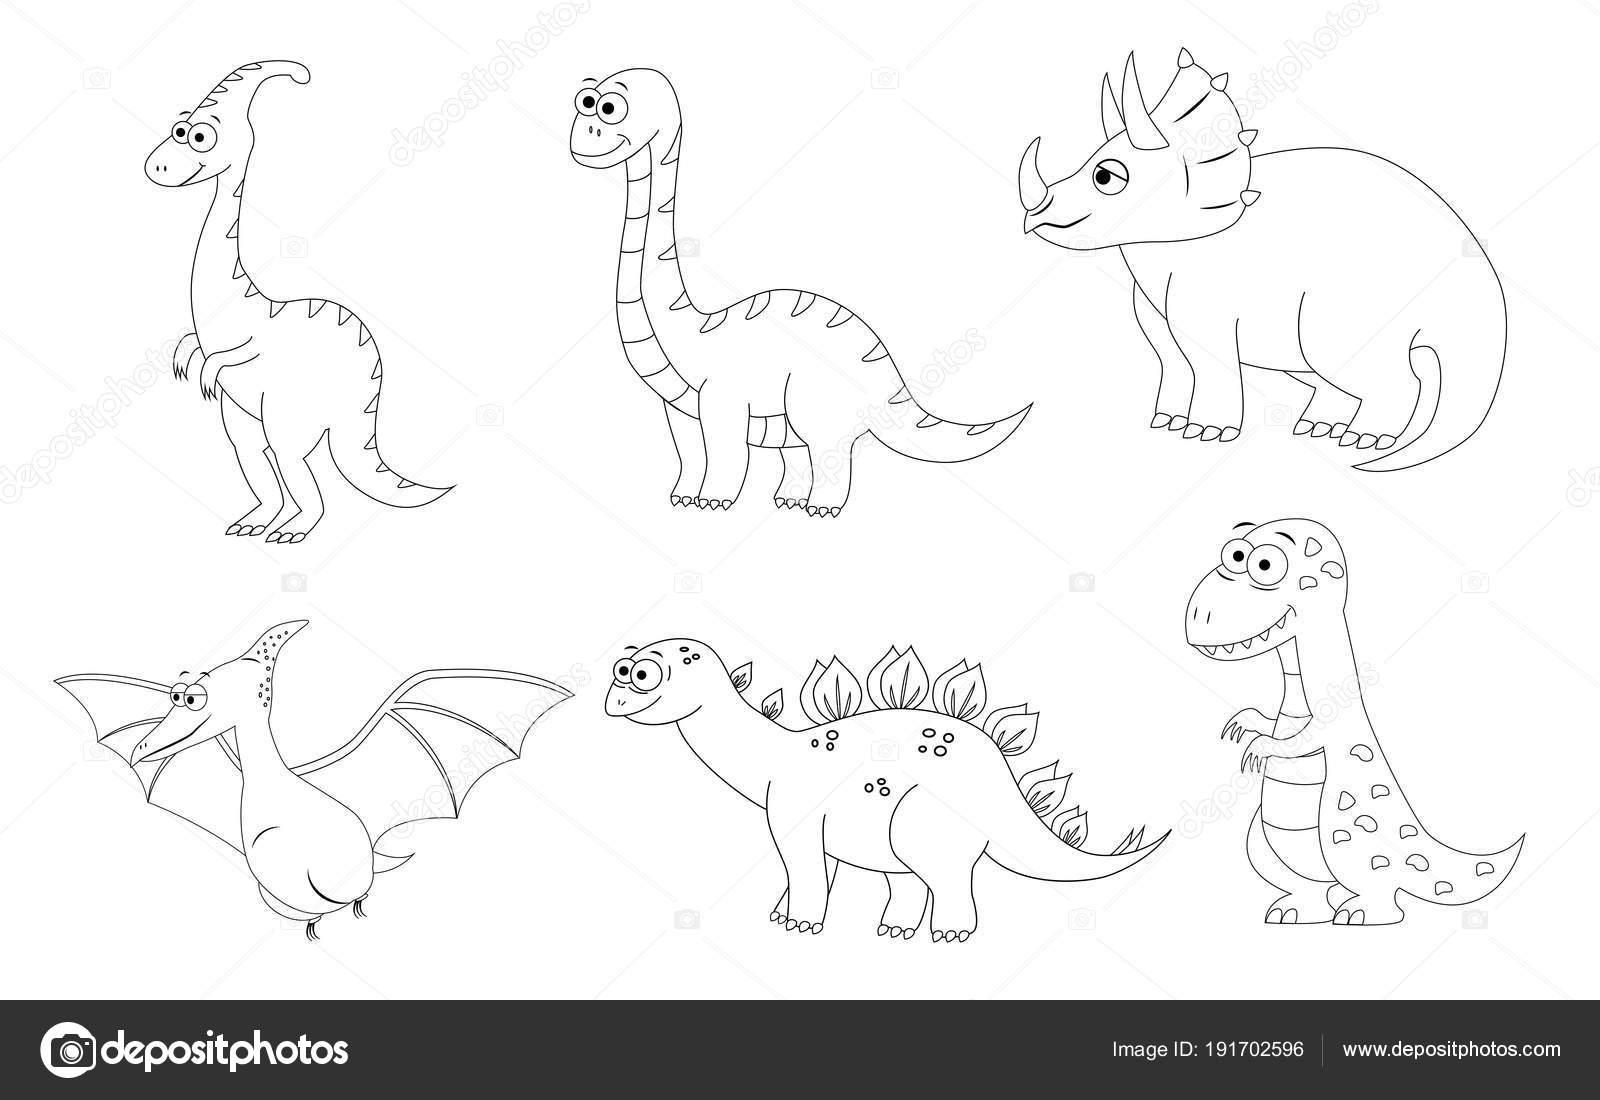 Página para colorear para niños en edad preescolar. Conjunto de ...